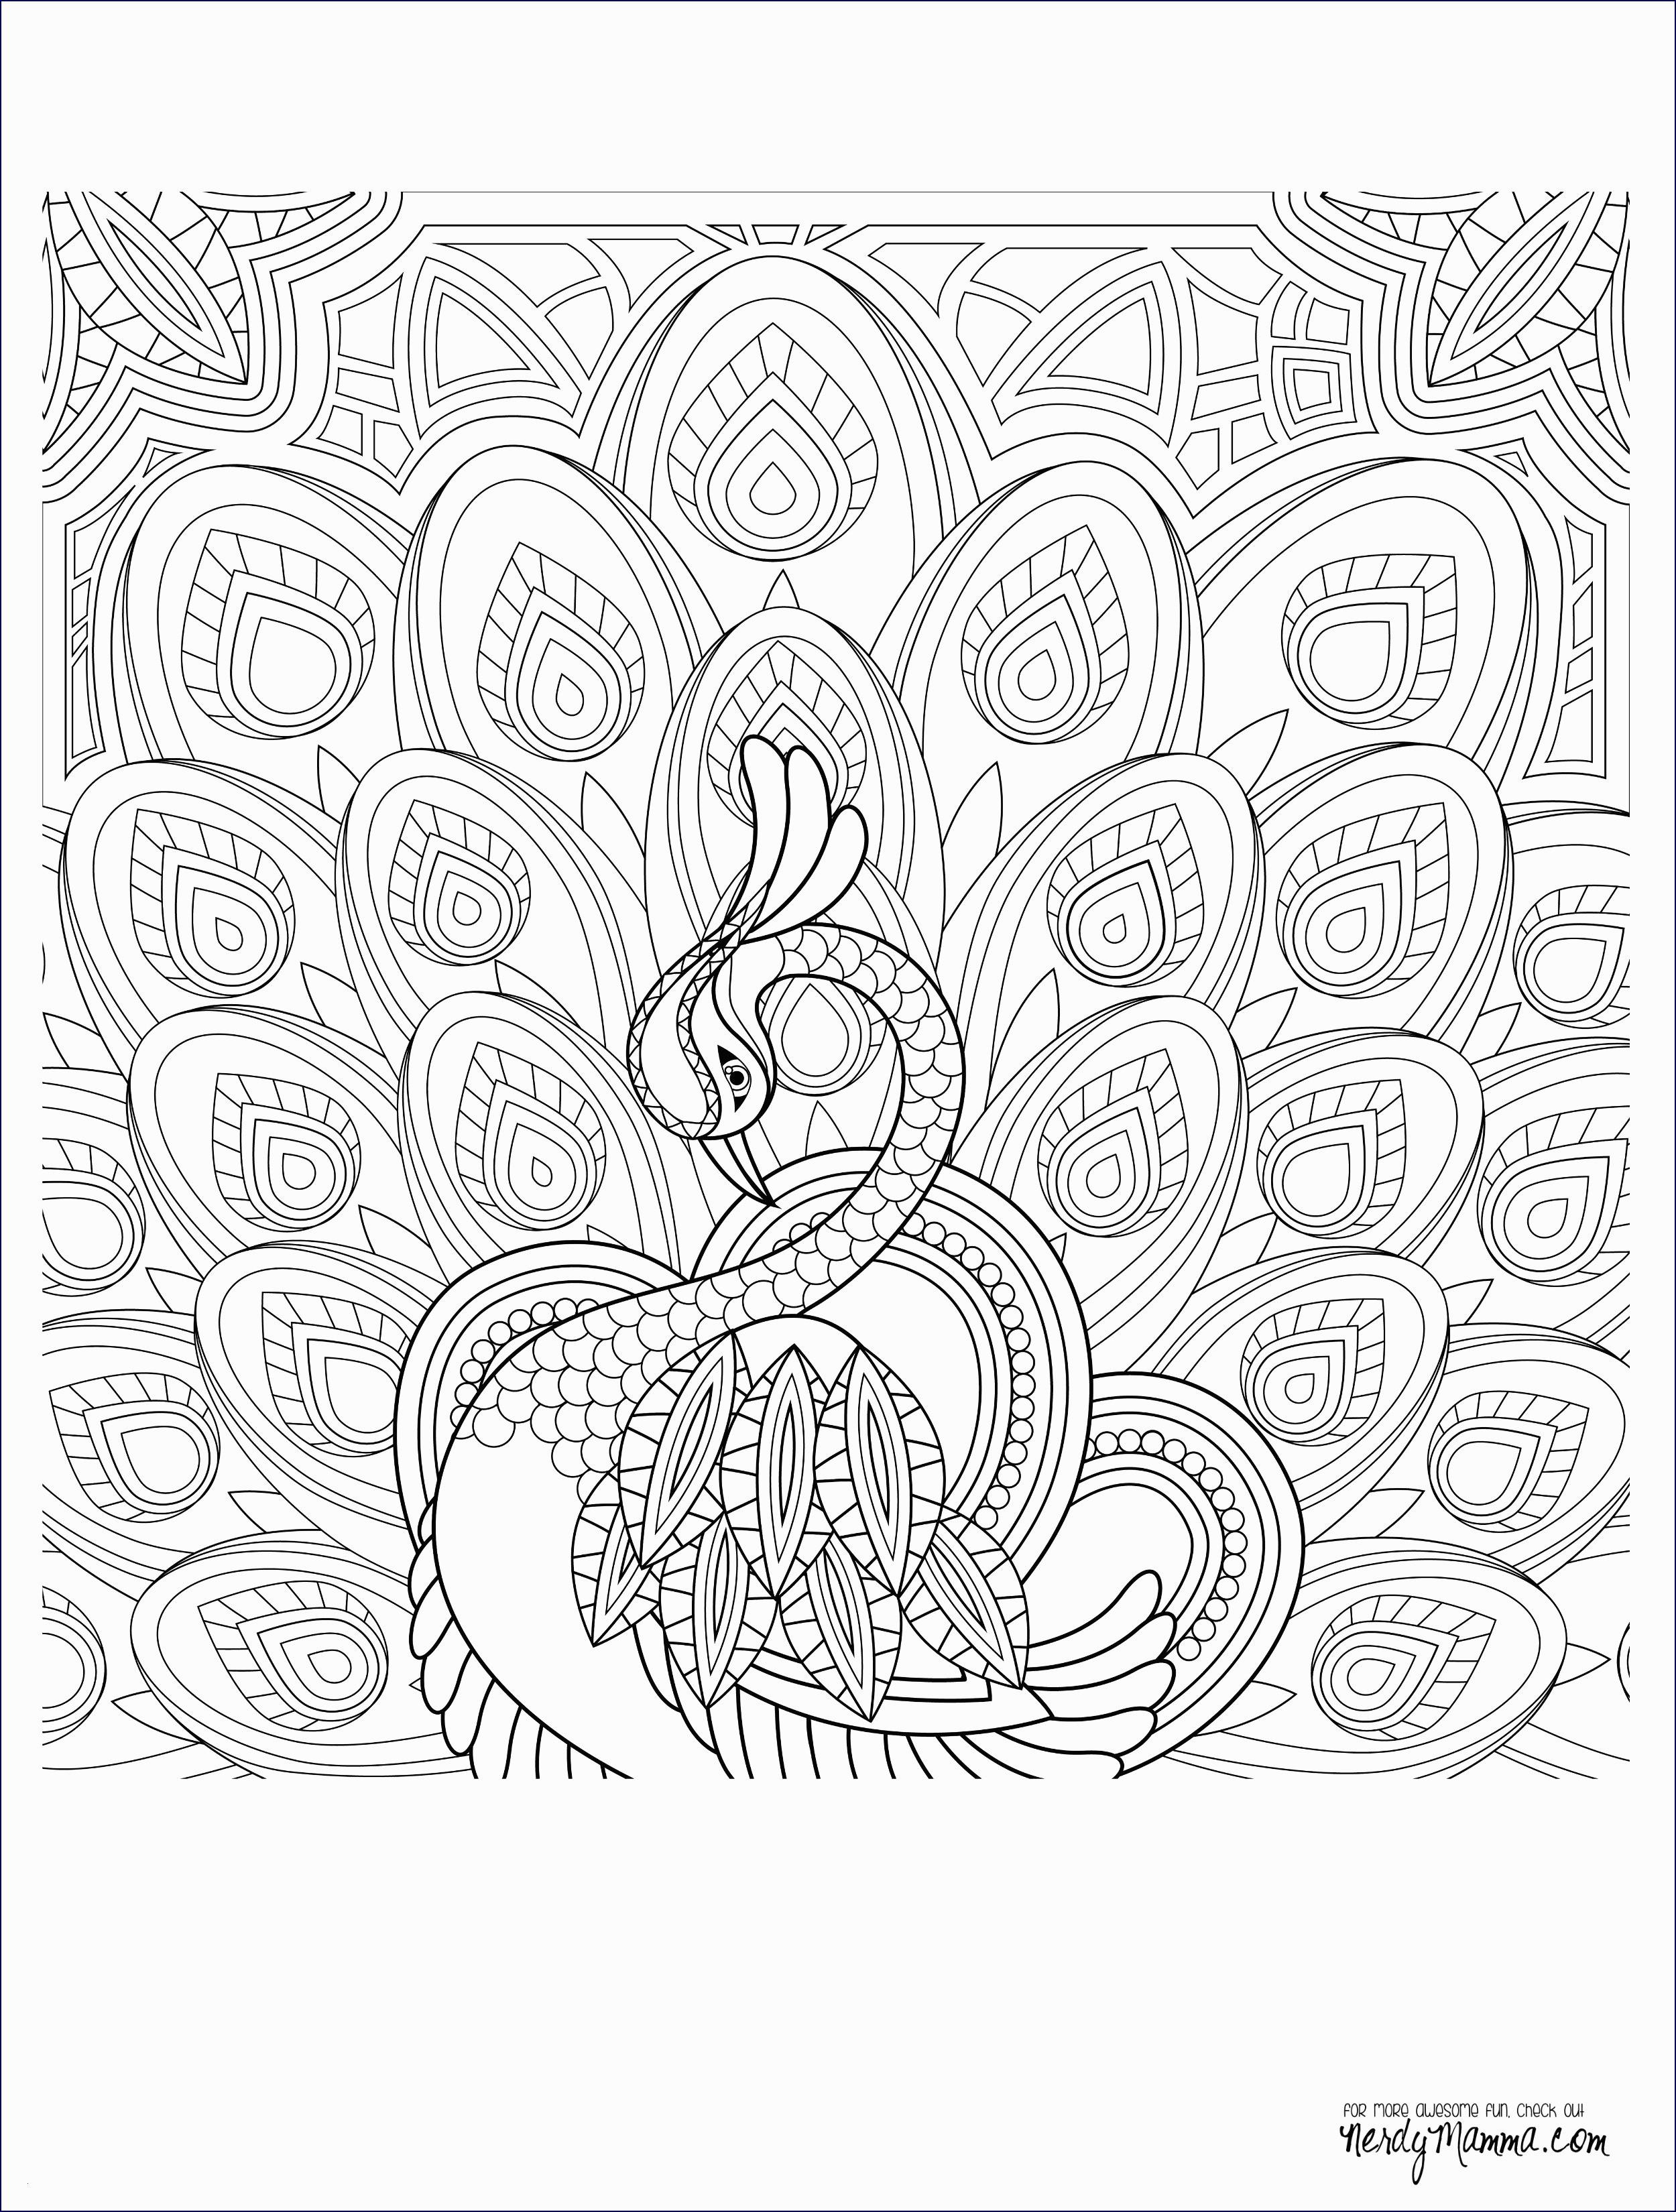 Mandala Zum Ausdrucken Erwachsene Einzigartig Schwierige Mandalas Zum Ausdrucken Ideen Lernspiele Färbung Bilder Galerie